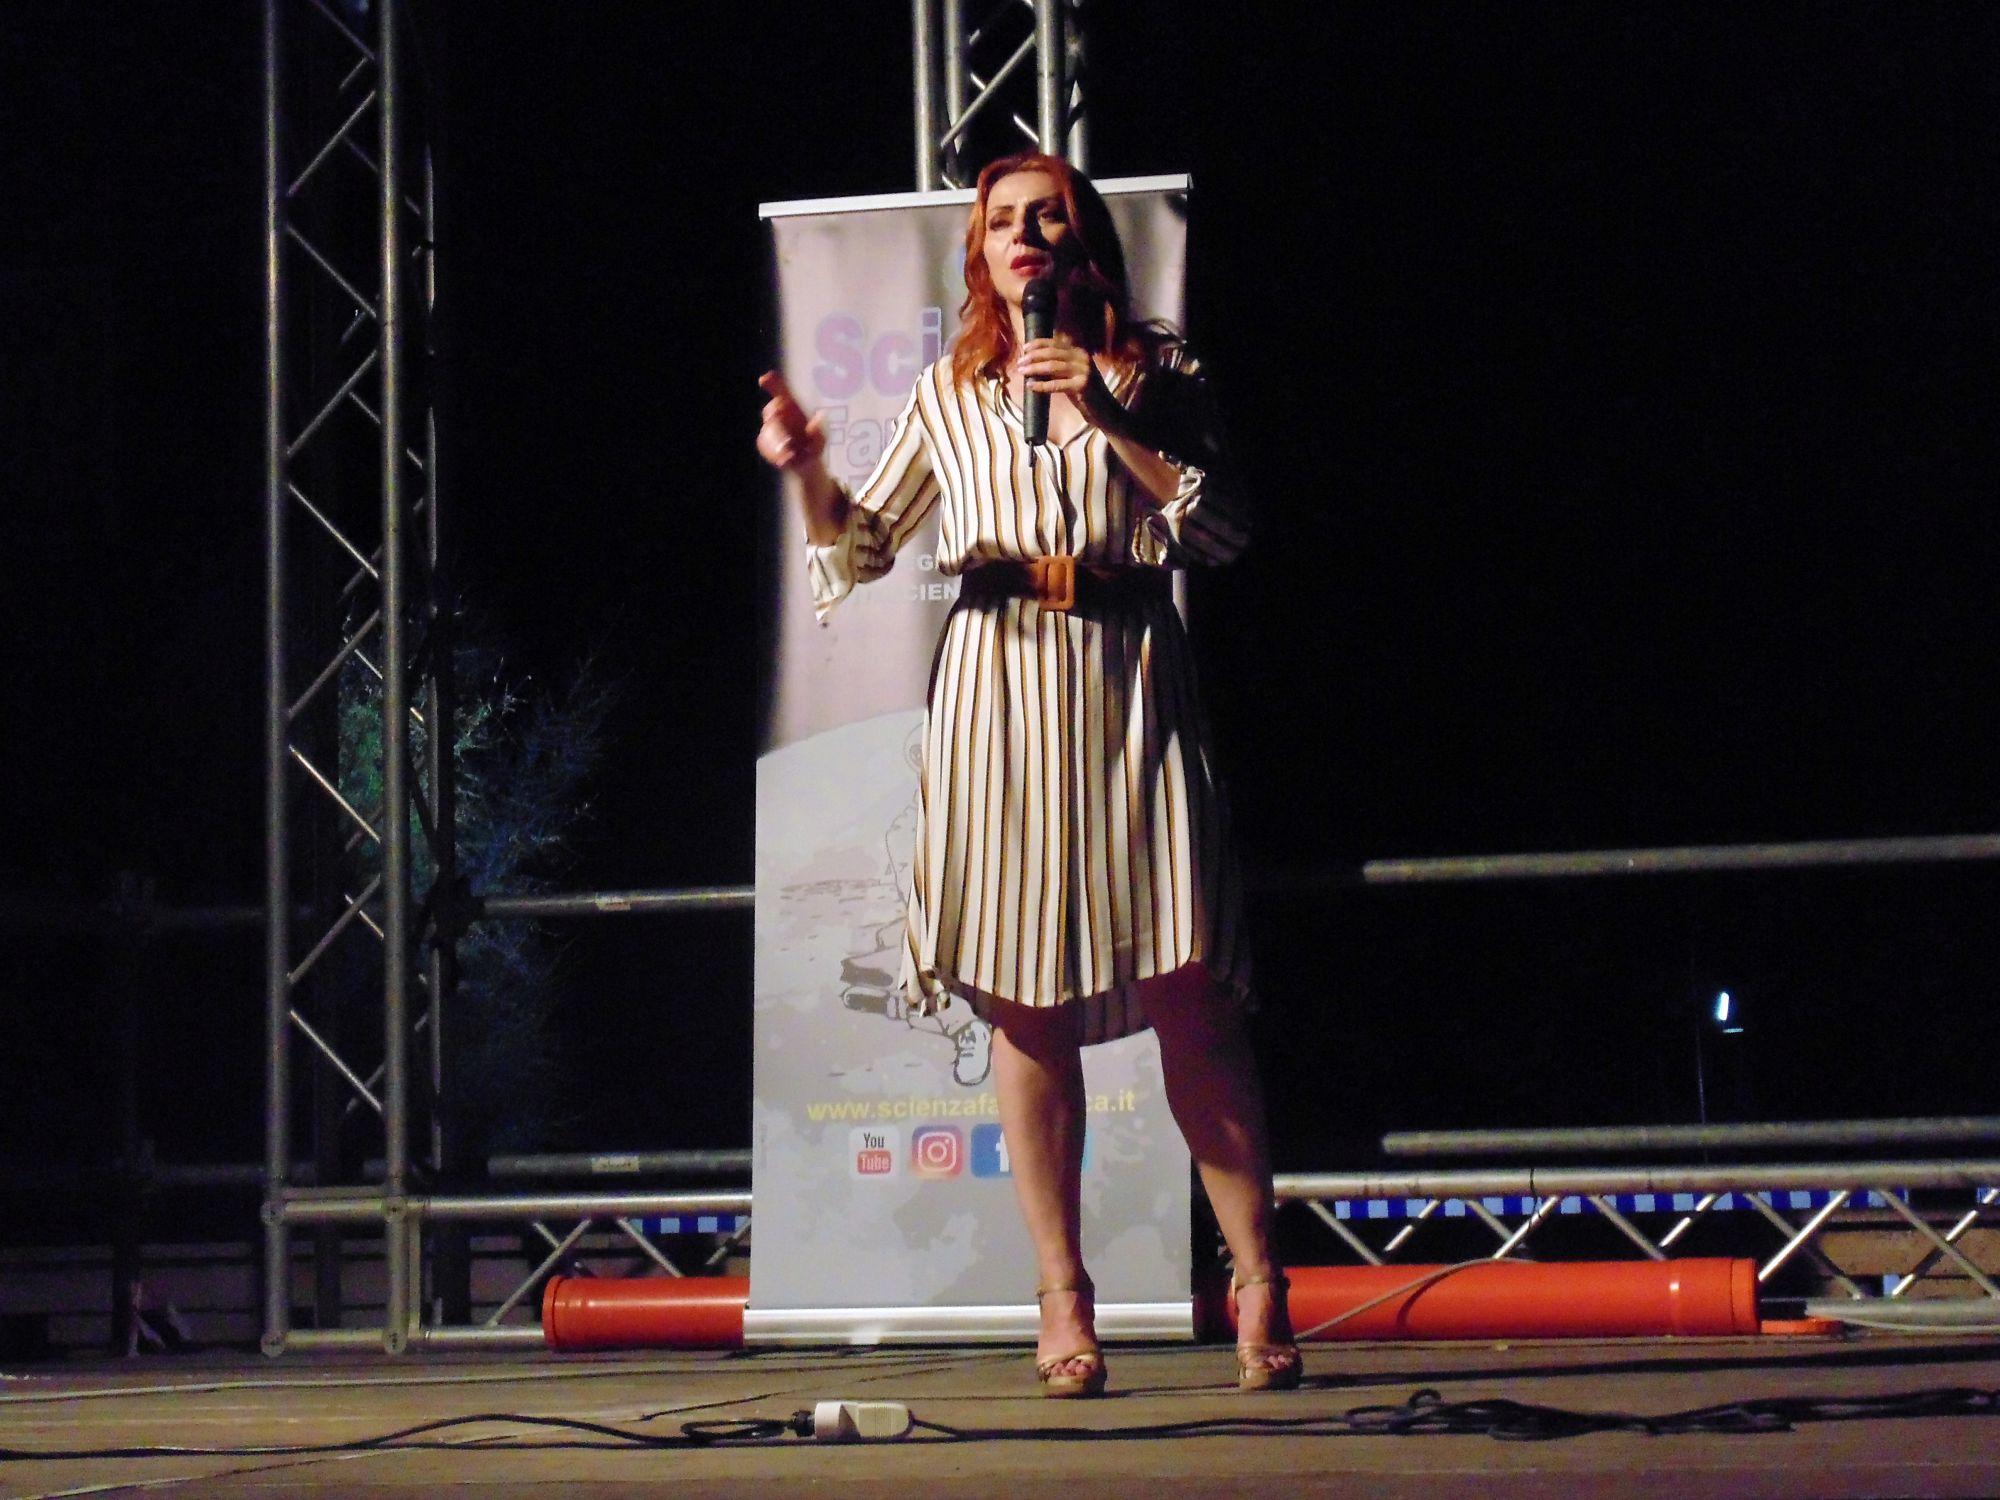 La serata in piazza a Spotorno, sul lungomare…a parlare di fisica con un pubblico immenso!